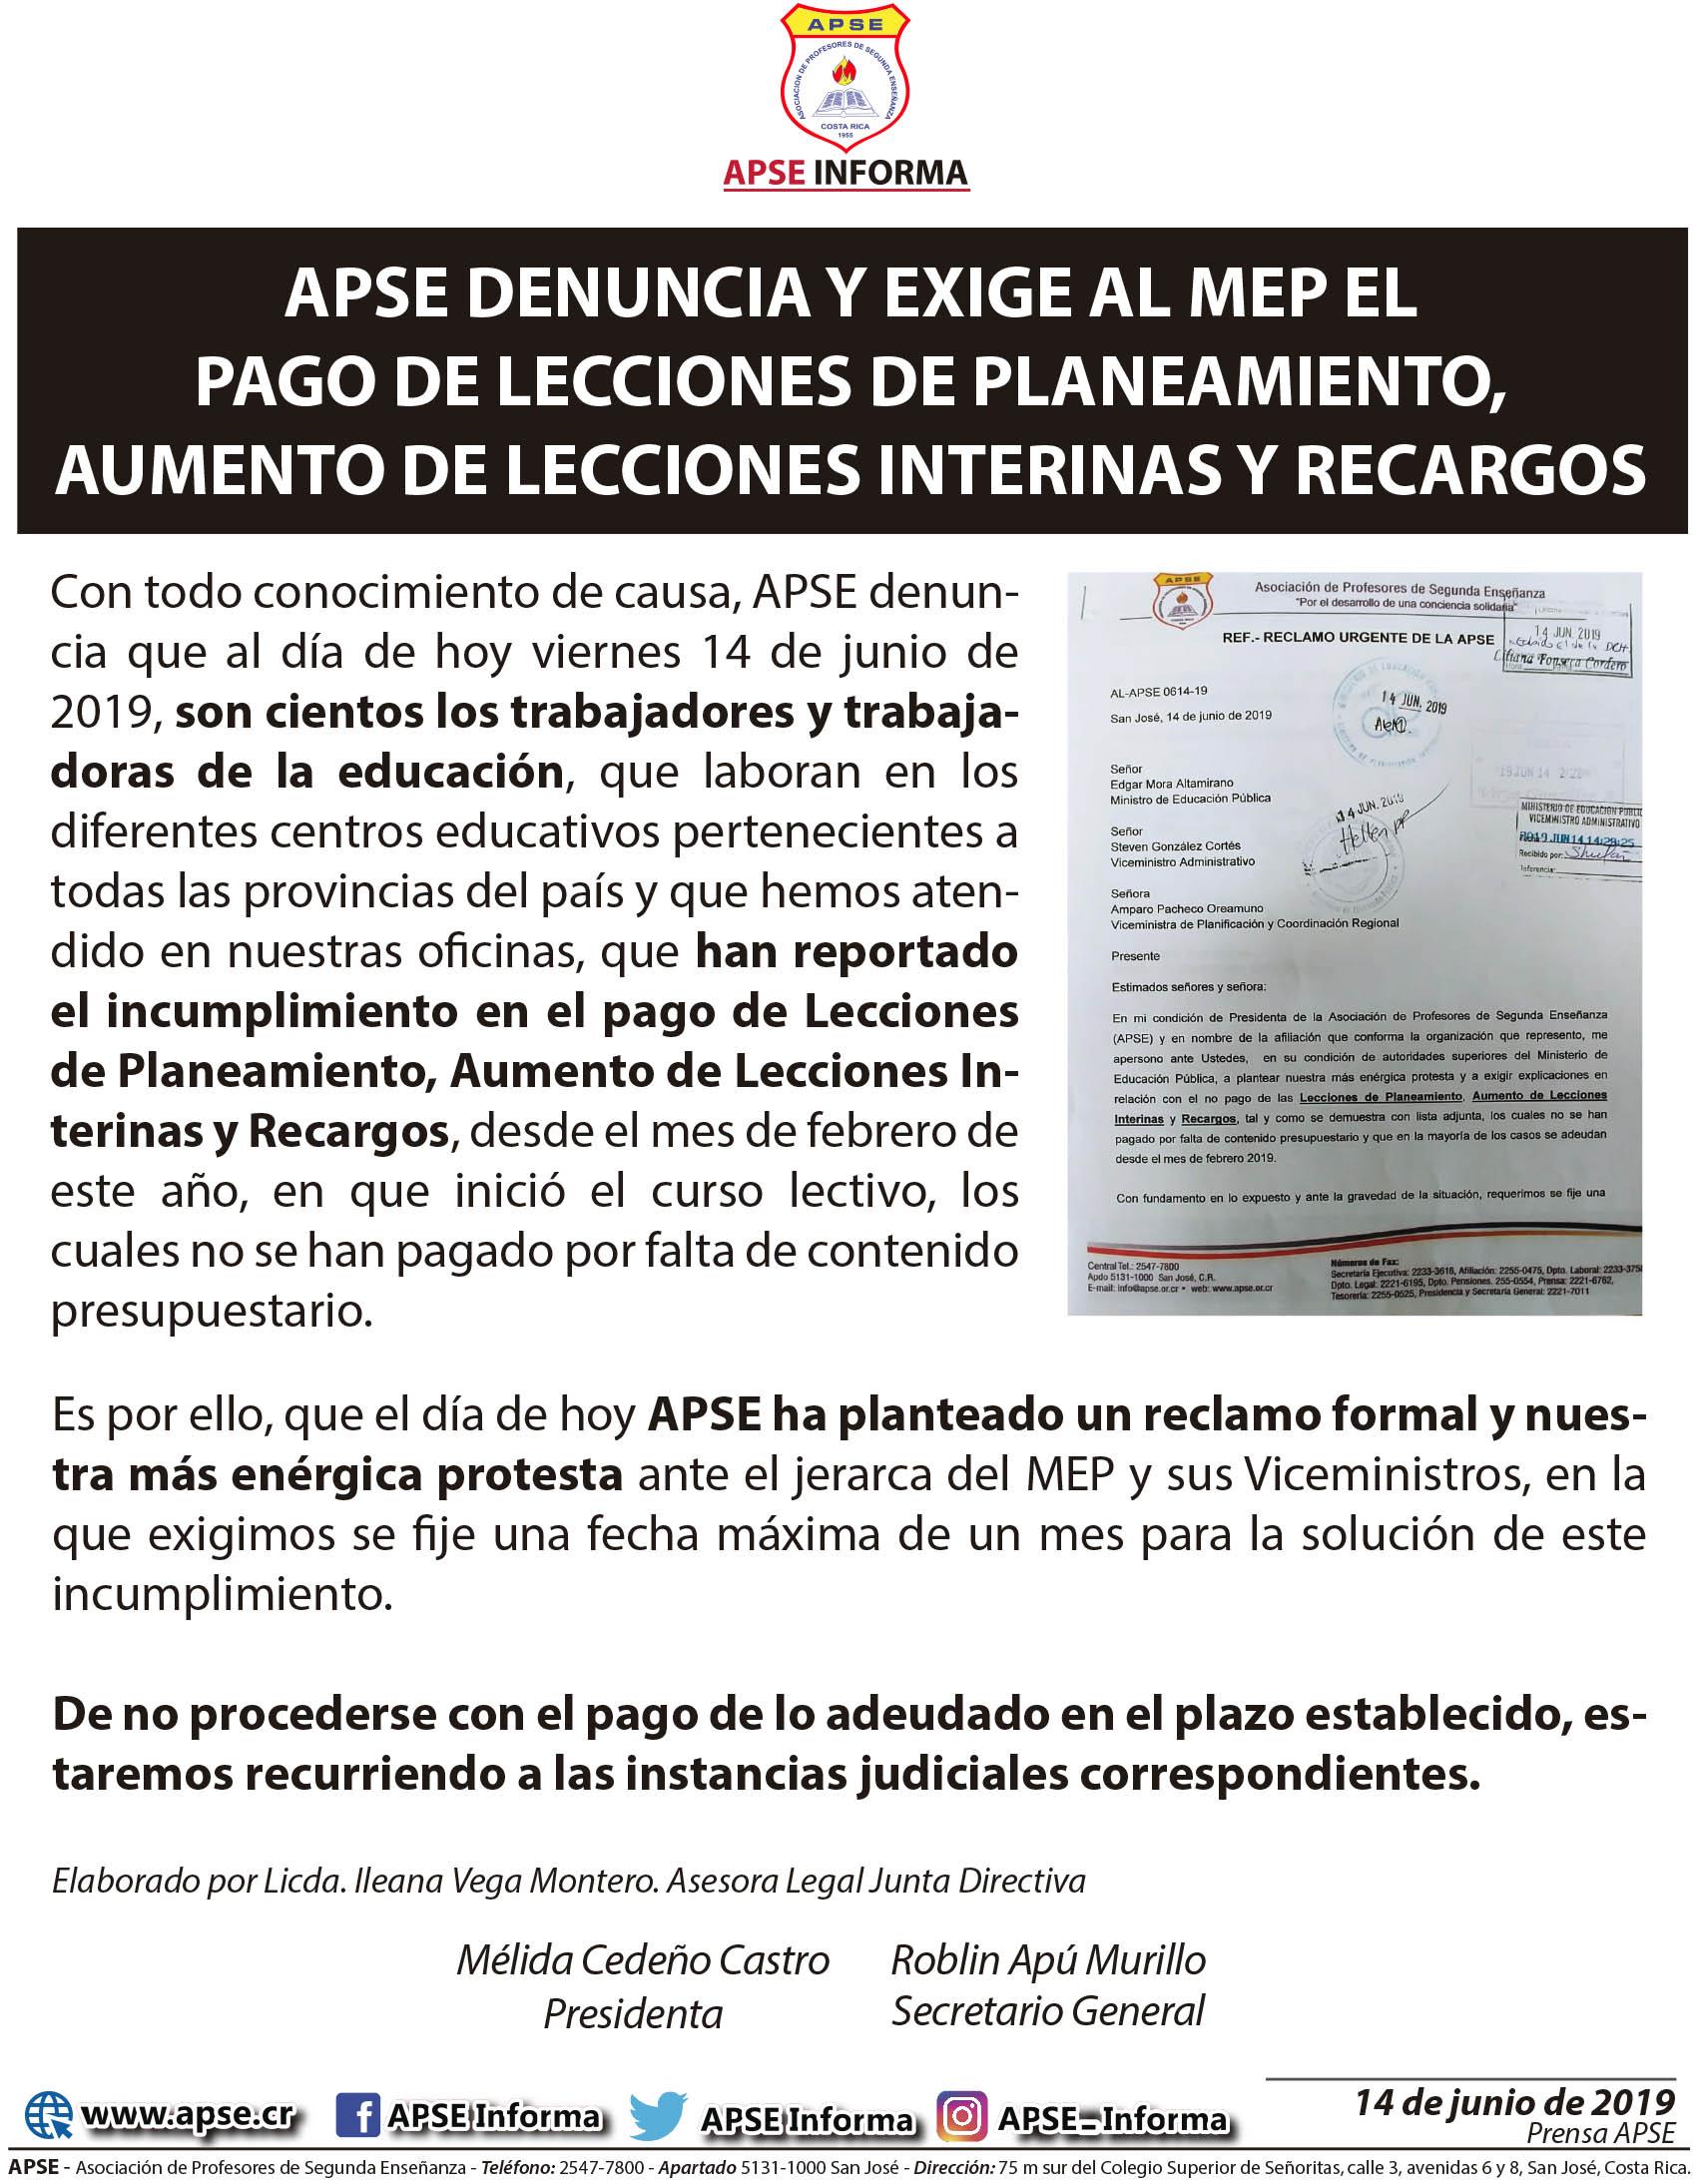 APSE DENUNCIA Y EXIGE AL MEP EL PAGO DE LECCIONES DE PLANEAMIENTO, AUMENTO DE LECCIONES INTERINAS Y RECARGOS